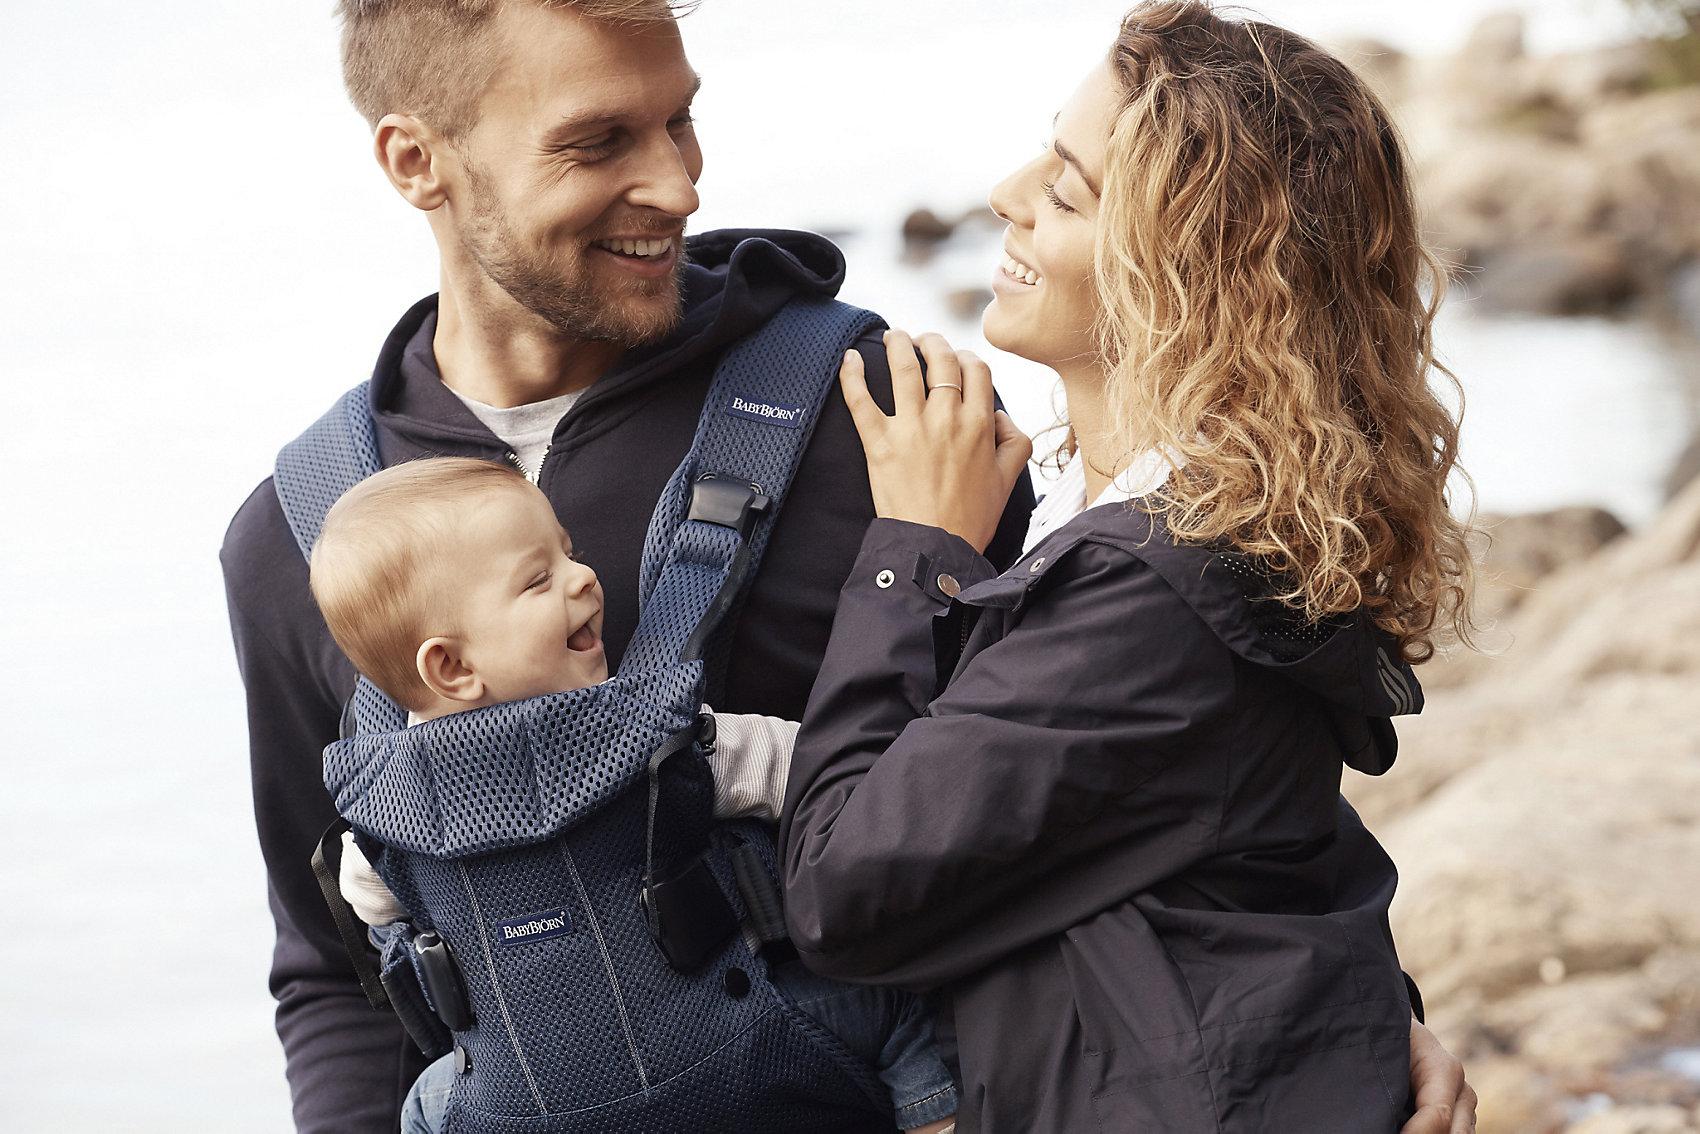 Neu-BabyBjoern-Babytrage-One-Air-Schwarz-6069645-dunkelblau